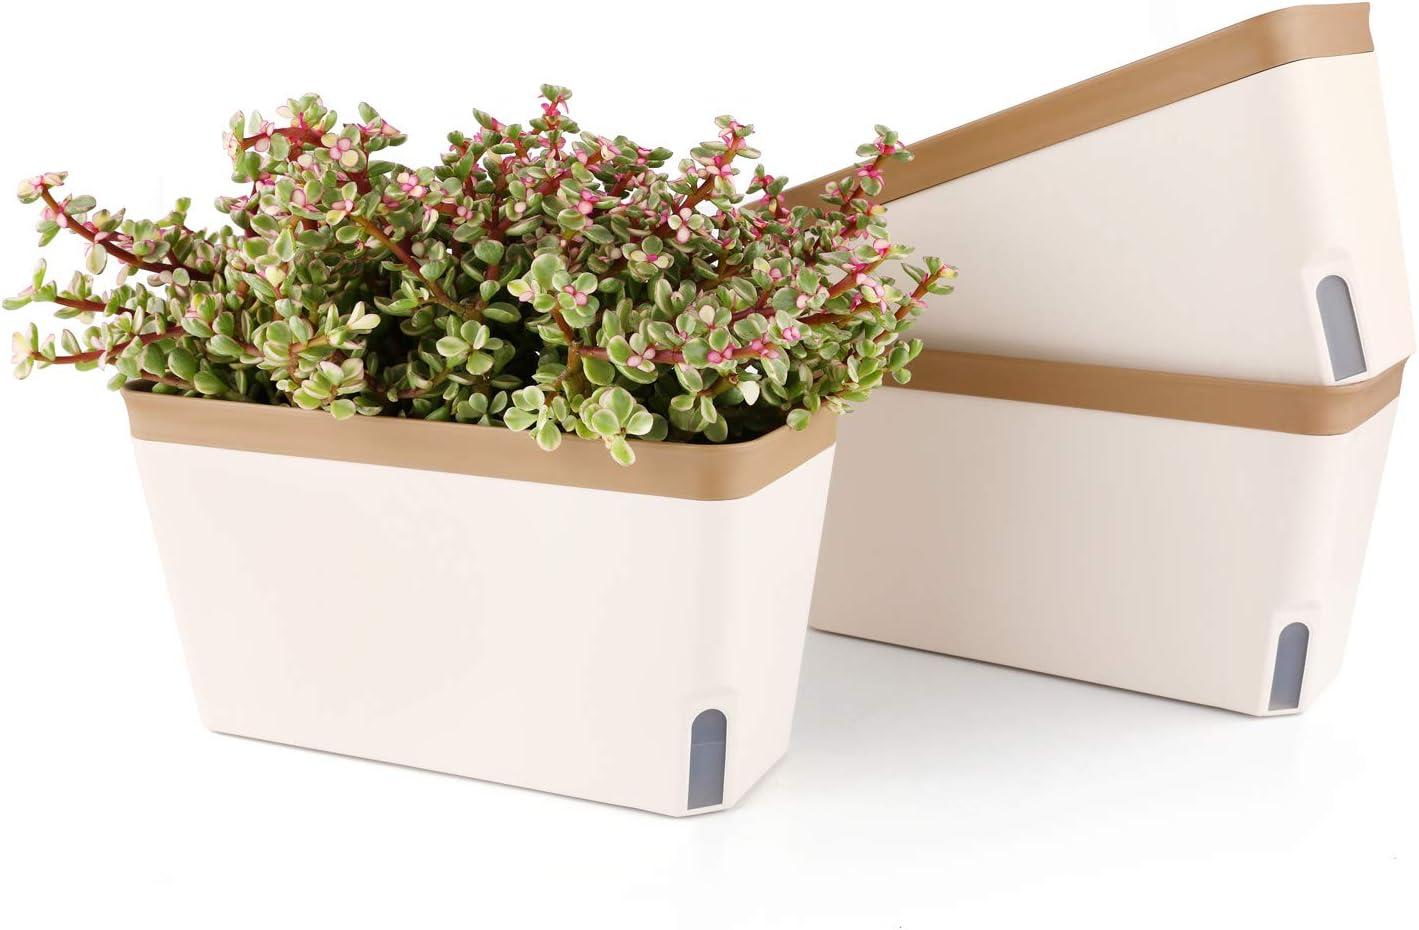 T4U Jardinera de Riego Automático Maceta Rectángulo 27CM Conjunto de 3, Maceta de Plástico con Ventana de Nivel de Agua Visual Jardín Decorativo Maceta de Bonsai para Plantas de Interior